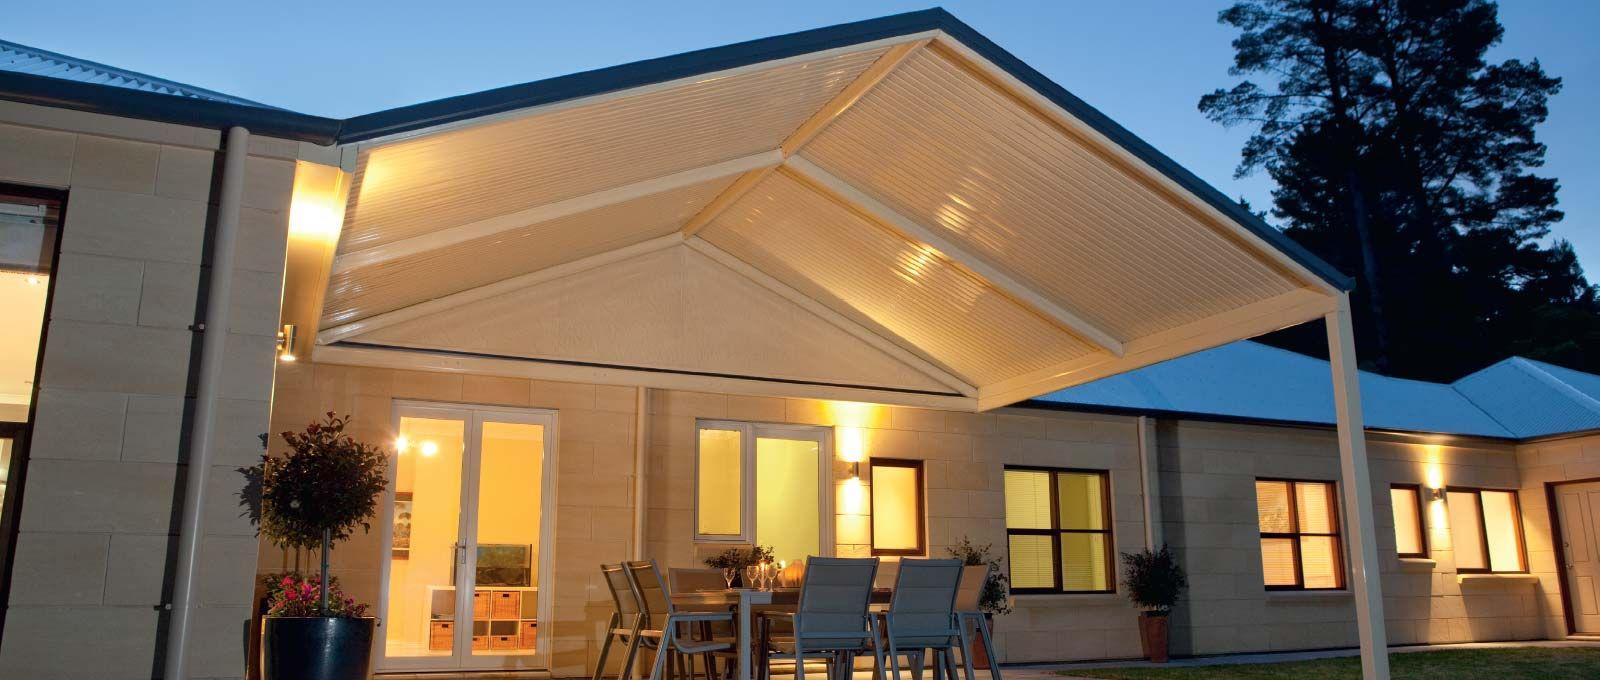 Stratco Outback Gable Verandah, Patio Patio, Outdoor